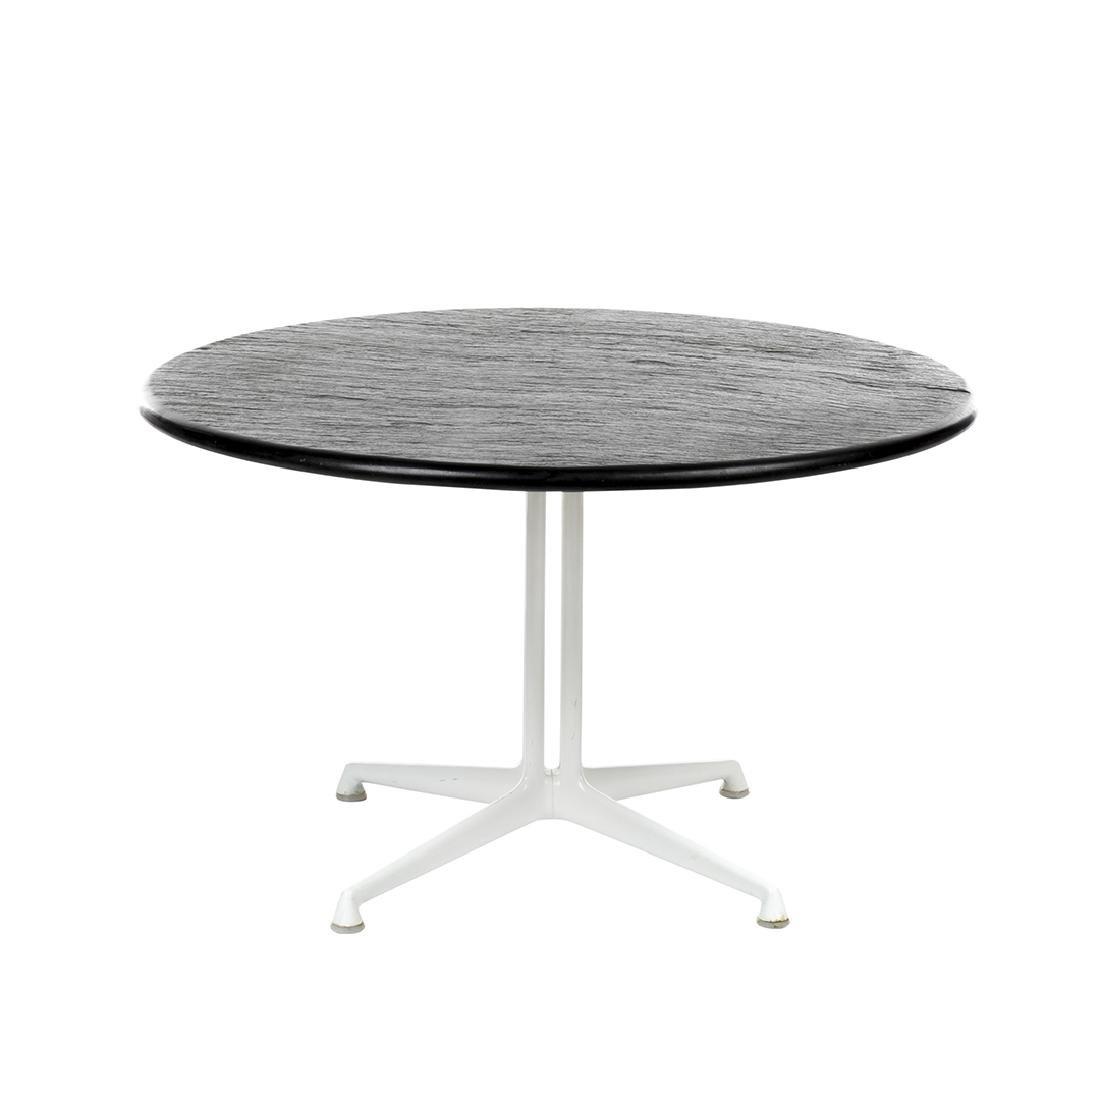 Charles Eames La Fonda Table